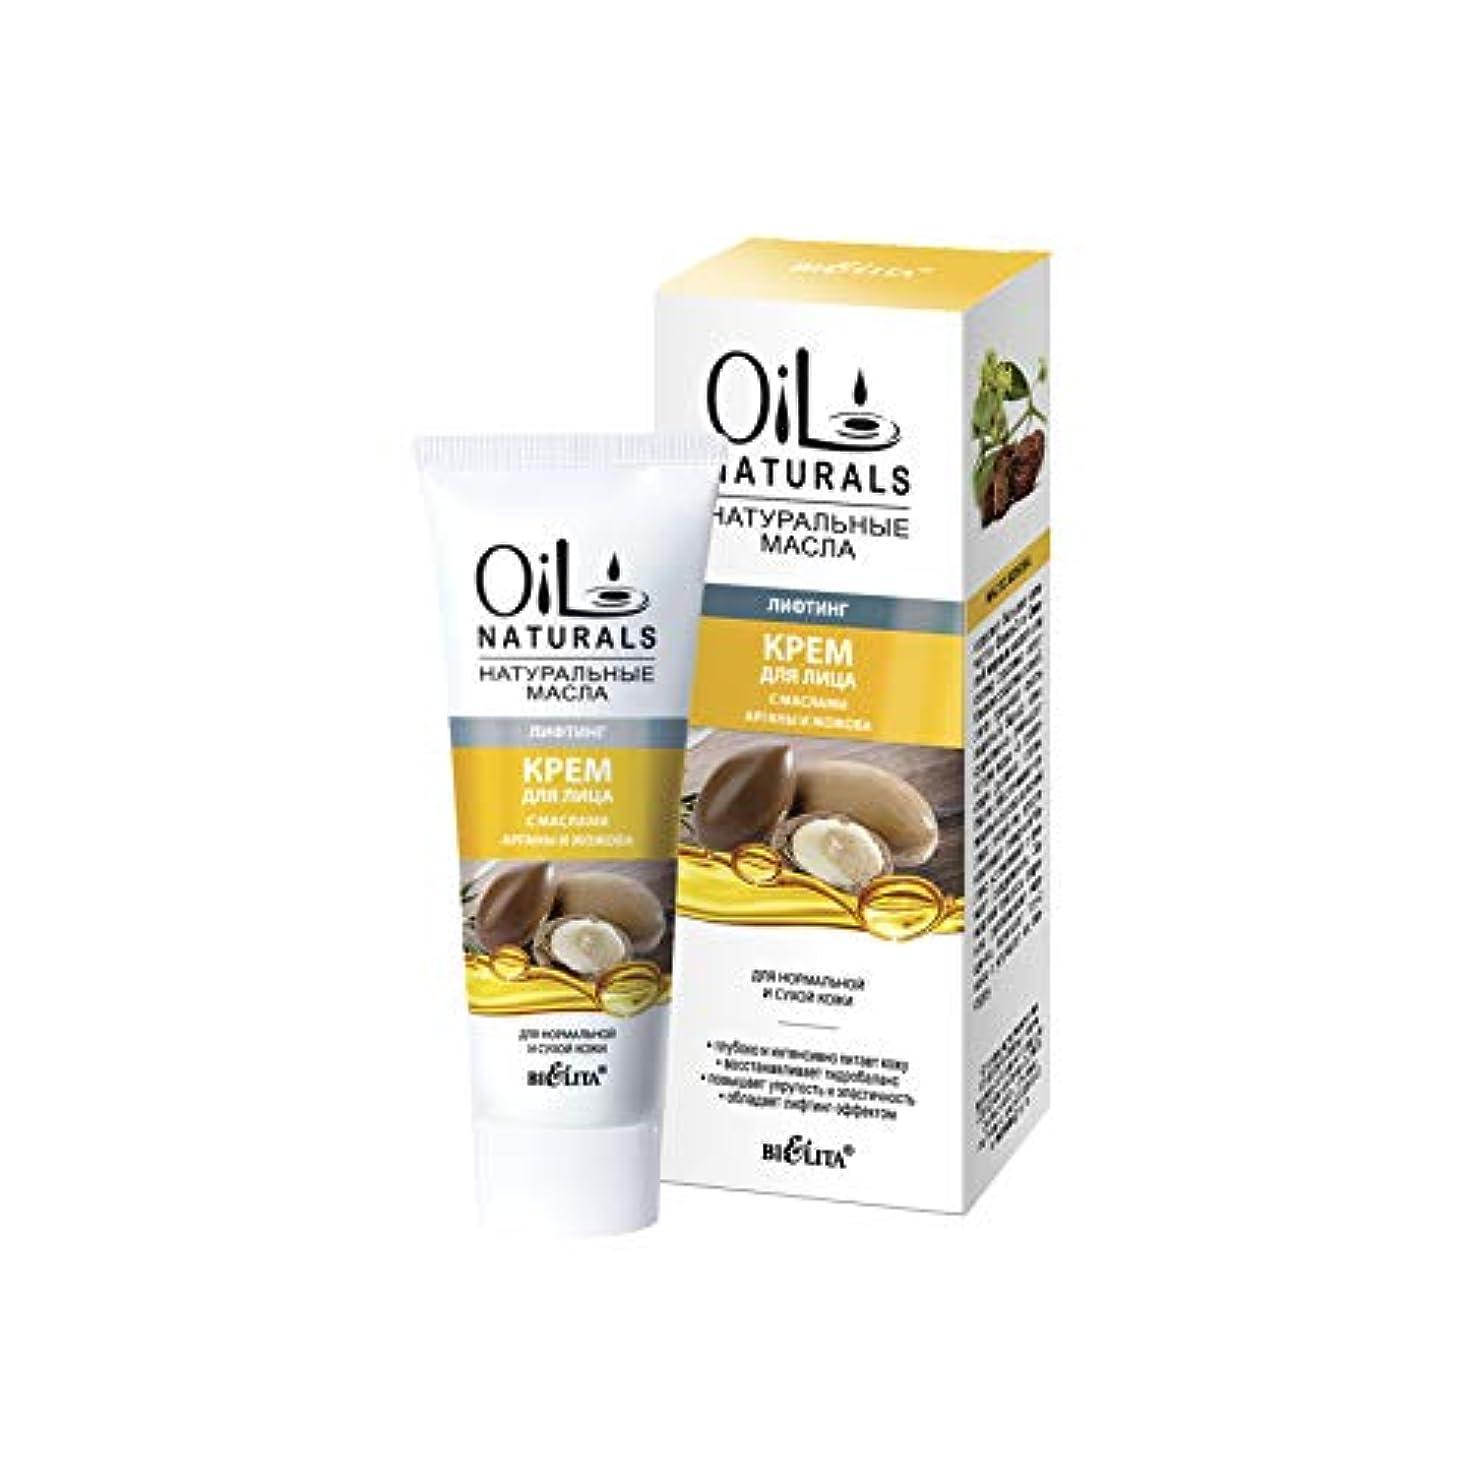 耐える役職劇作家Bielita & Vitex | Argan Oil, Jojoba Oil Moisturising Cream for the Face 50ml | Intensive Moisturizer With Natural...